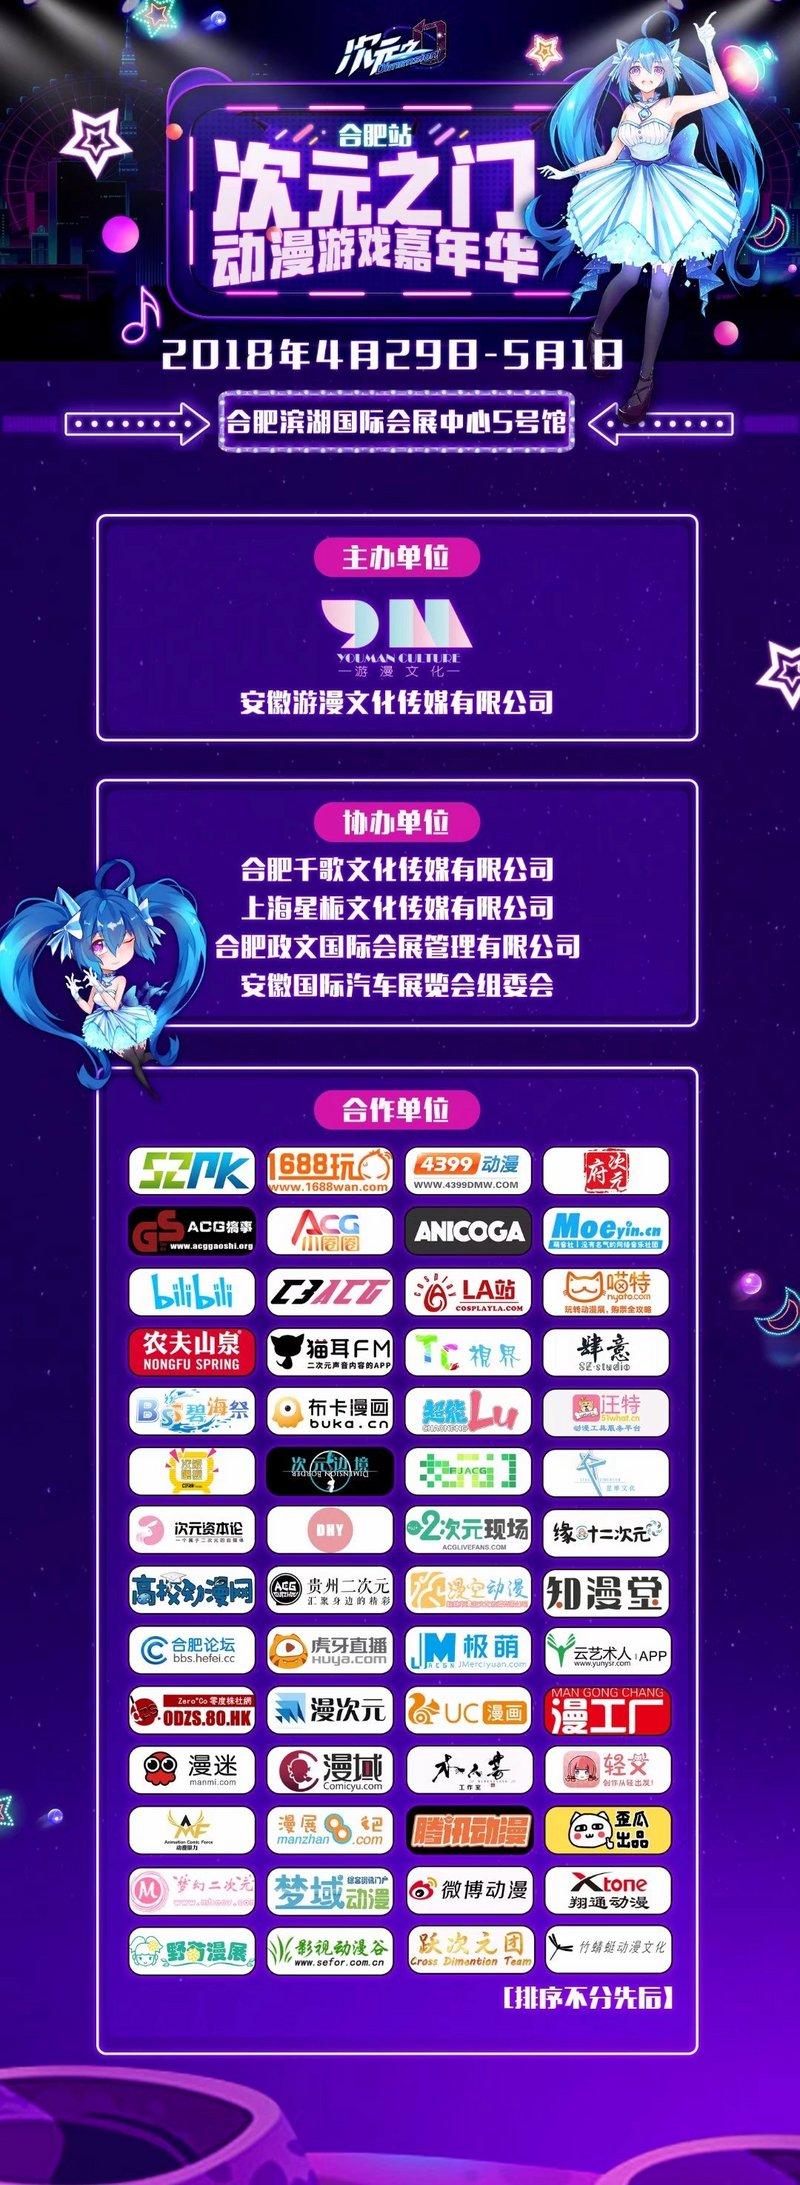 次元之门动漫游戏嘉年华-C3动漫网